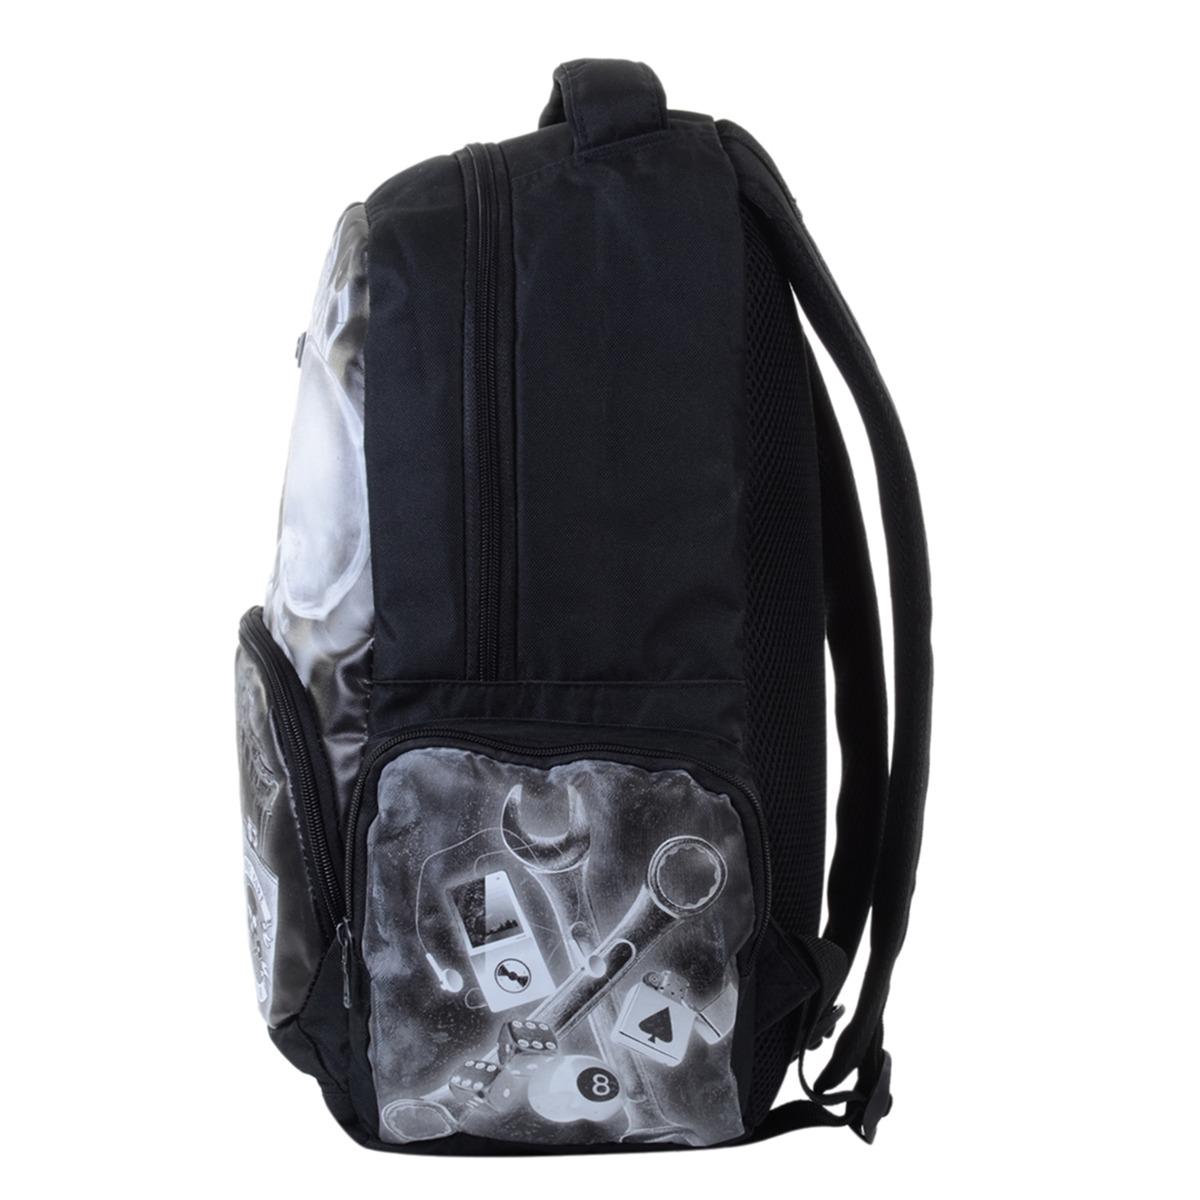 mochila masculina mcd back to school rx. Carregando zoom. a11d7c5bd1d